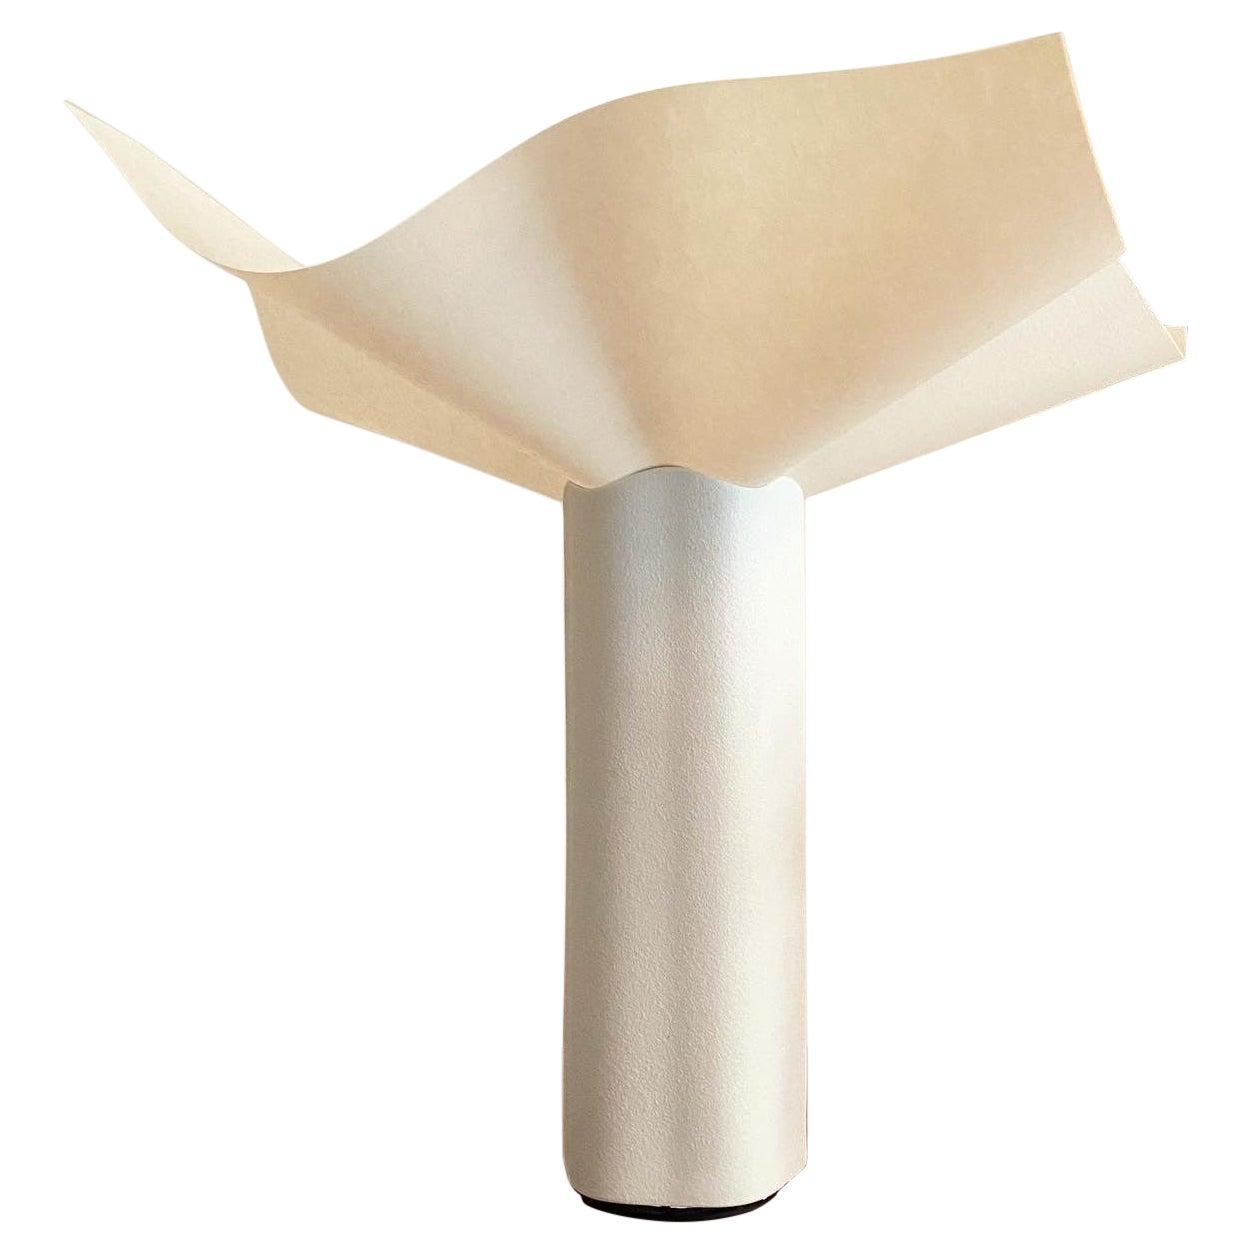 Mario Bellini Area Table Lamp, Artemide